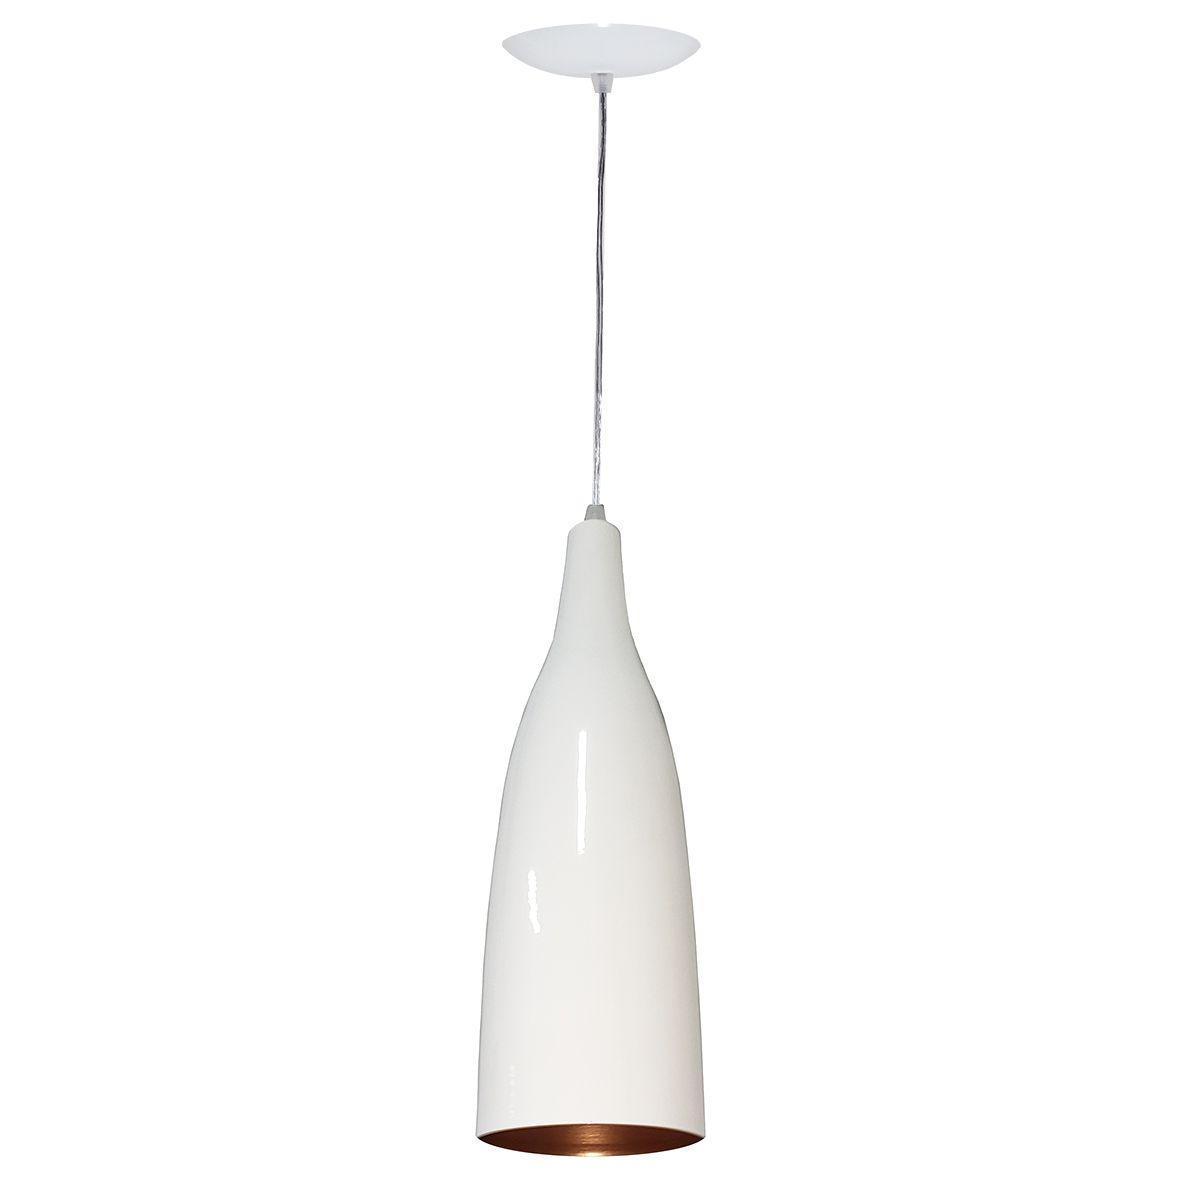 Luminária Decorativa Garrafão Branco/Cobre com Pendente